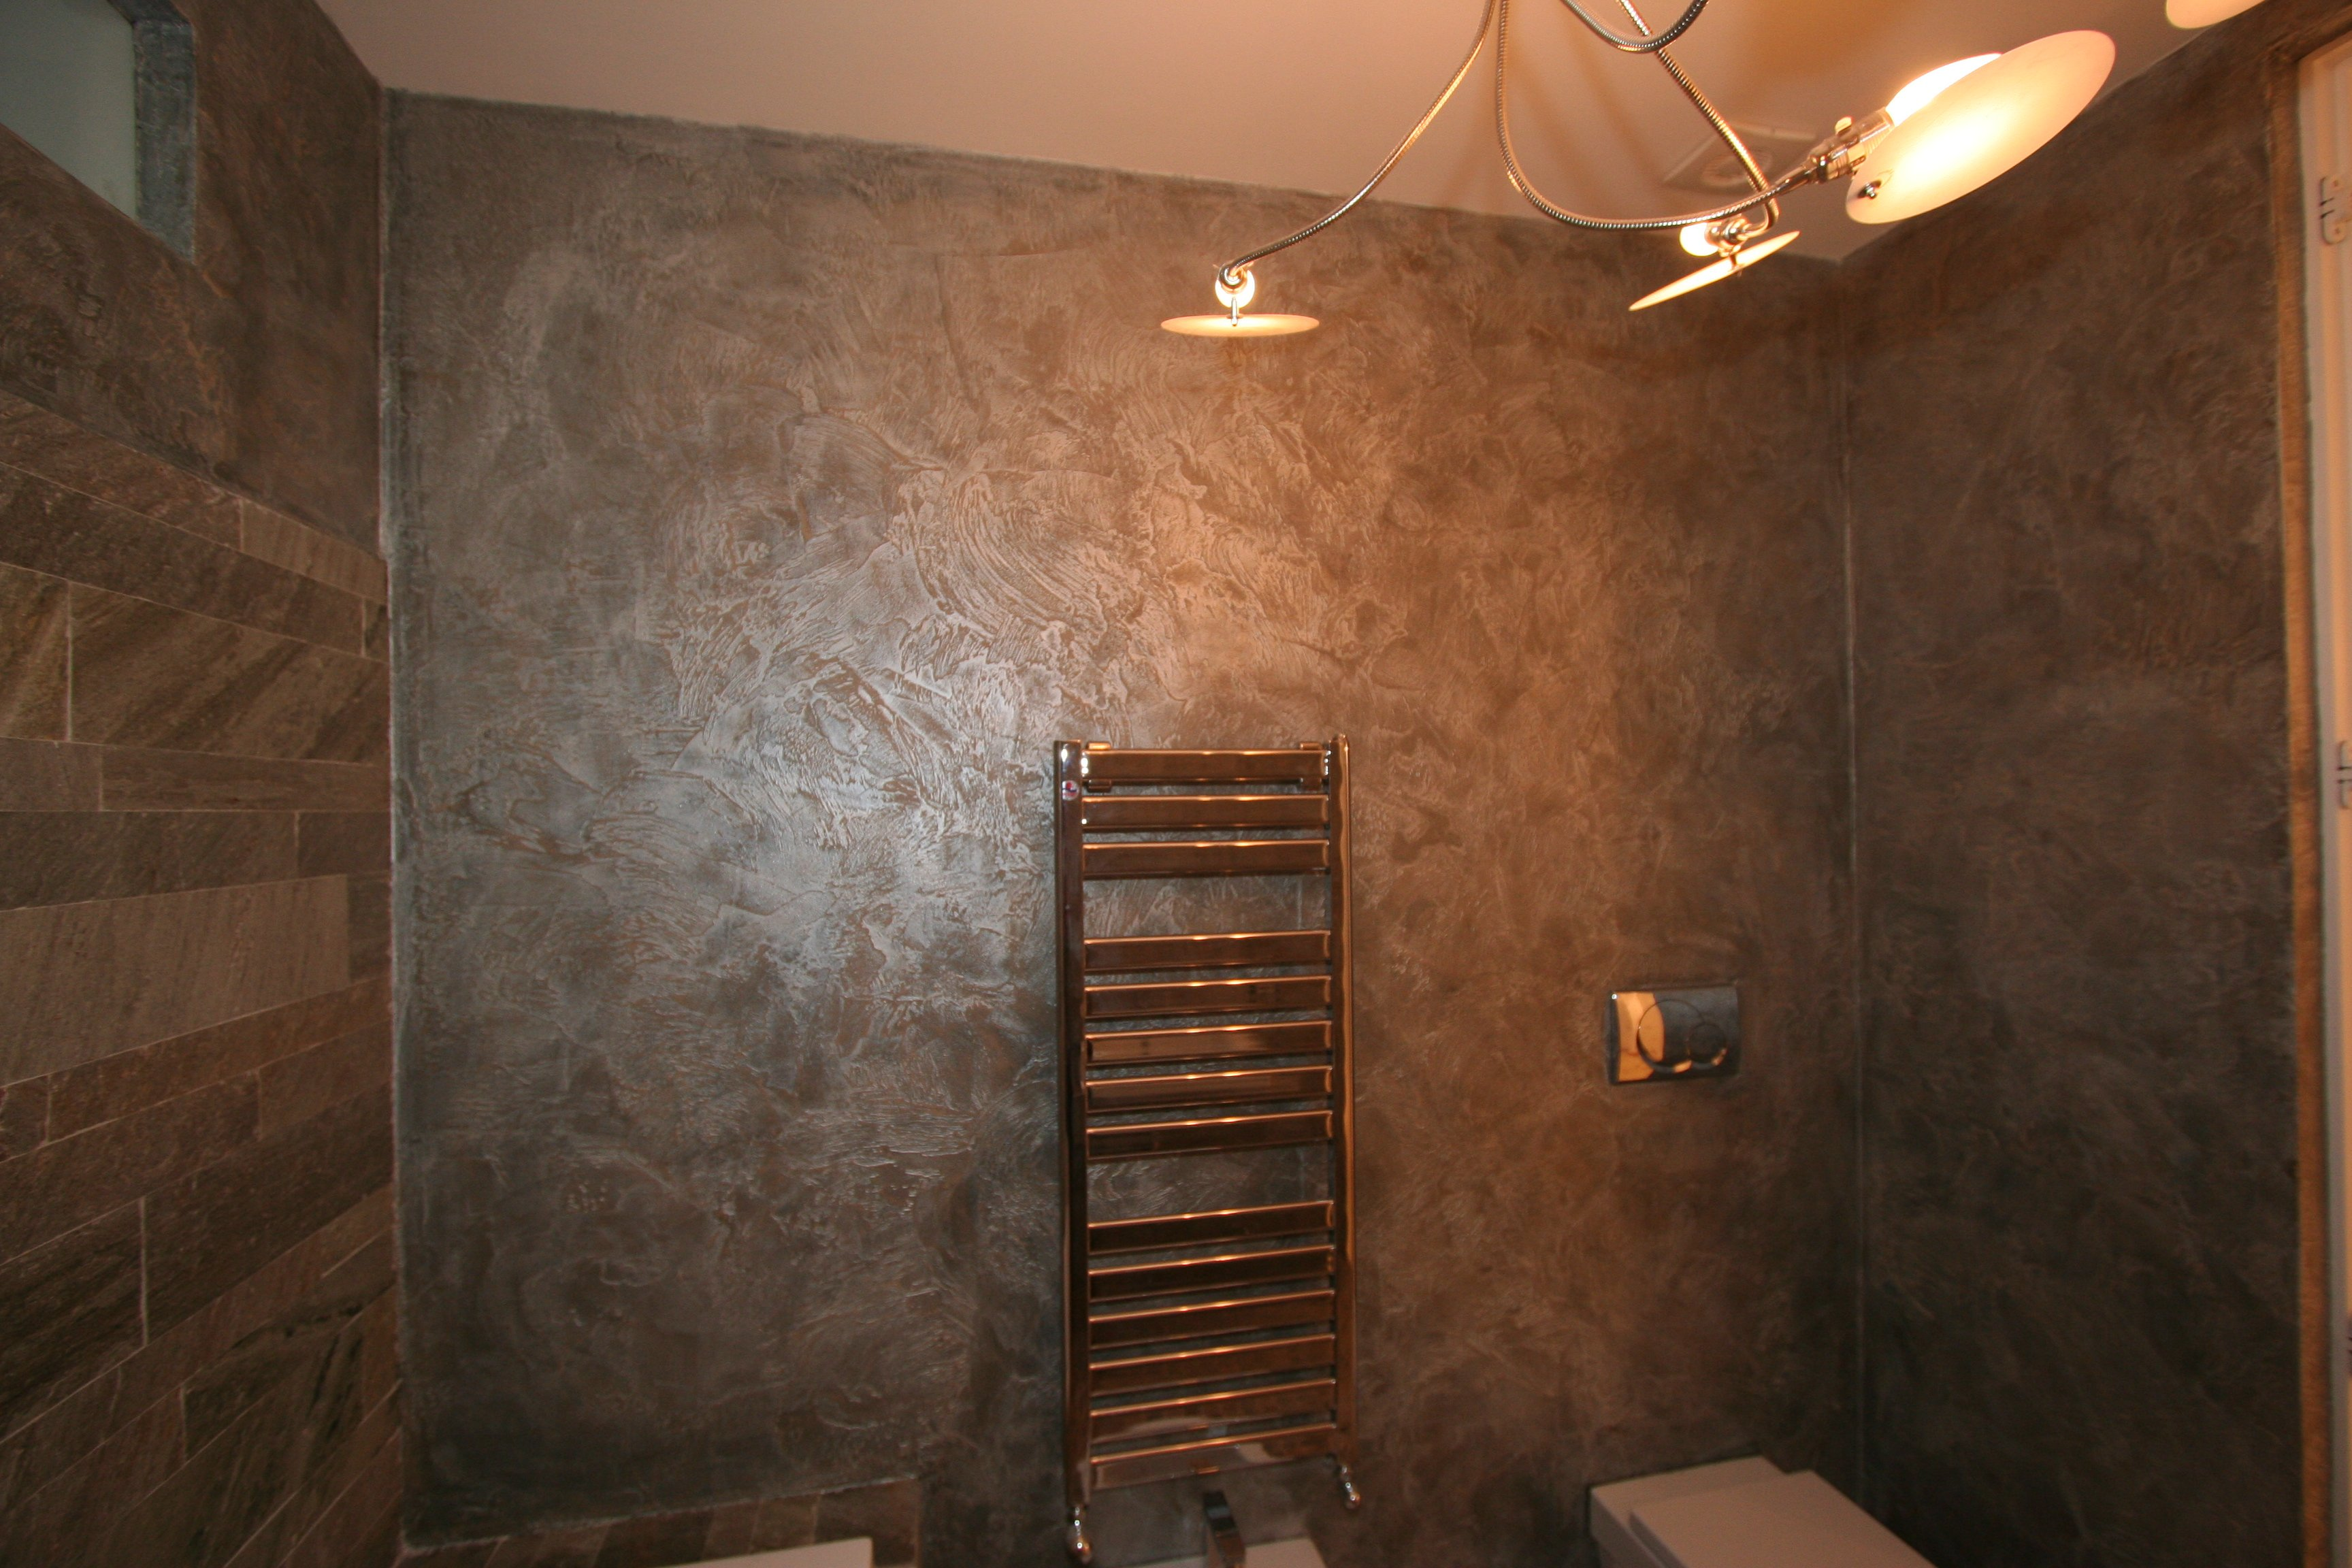 Image bagno 2 foto 2 decorazione in resina e accessori cromati - Bagni rivestiti in resina ...